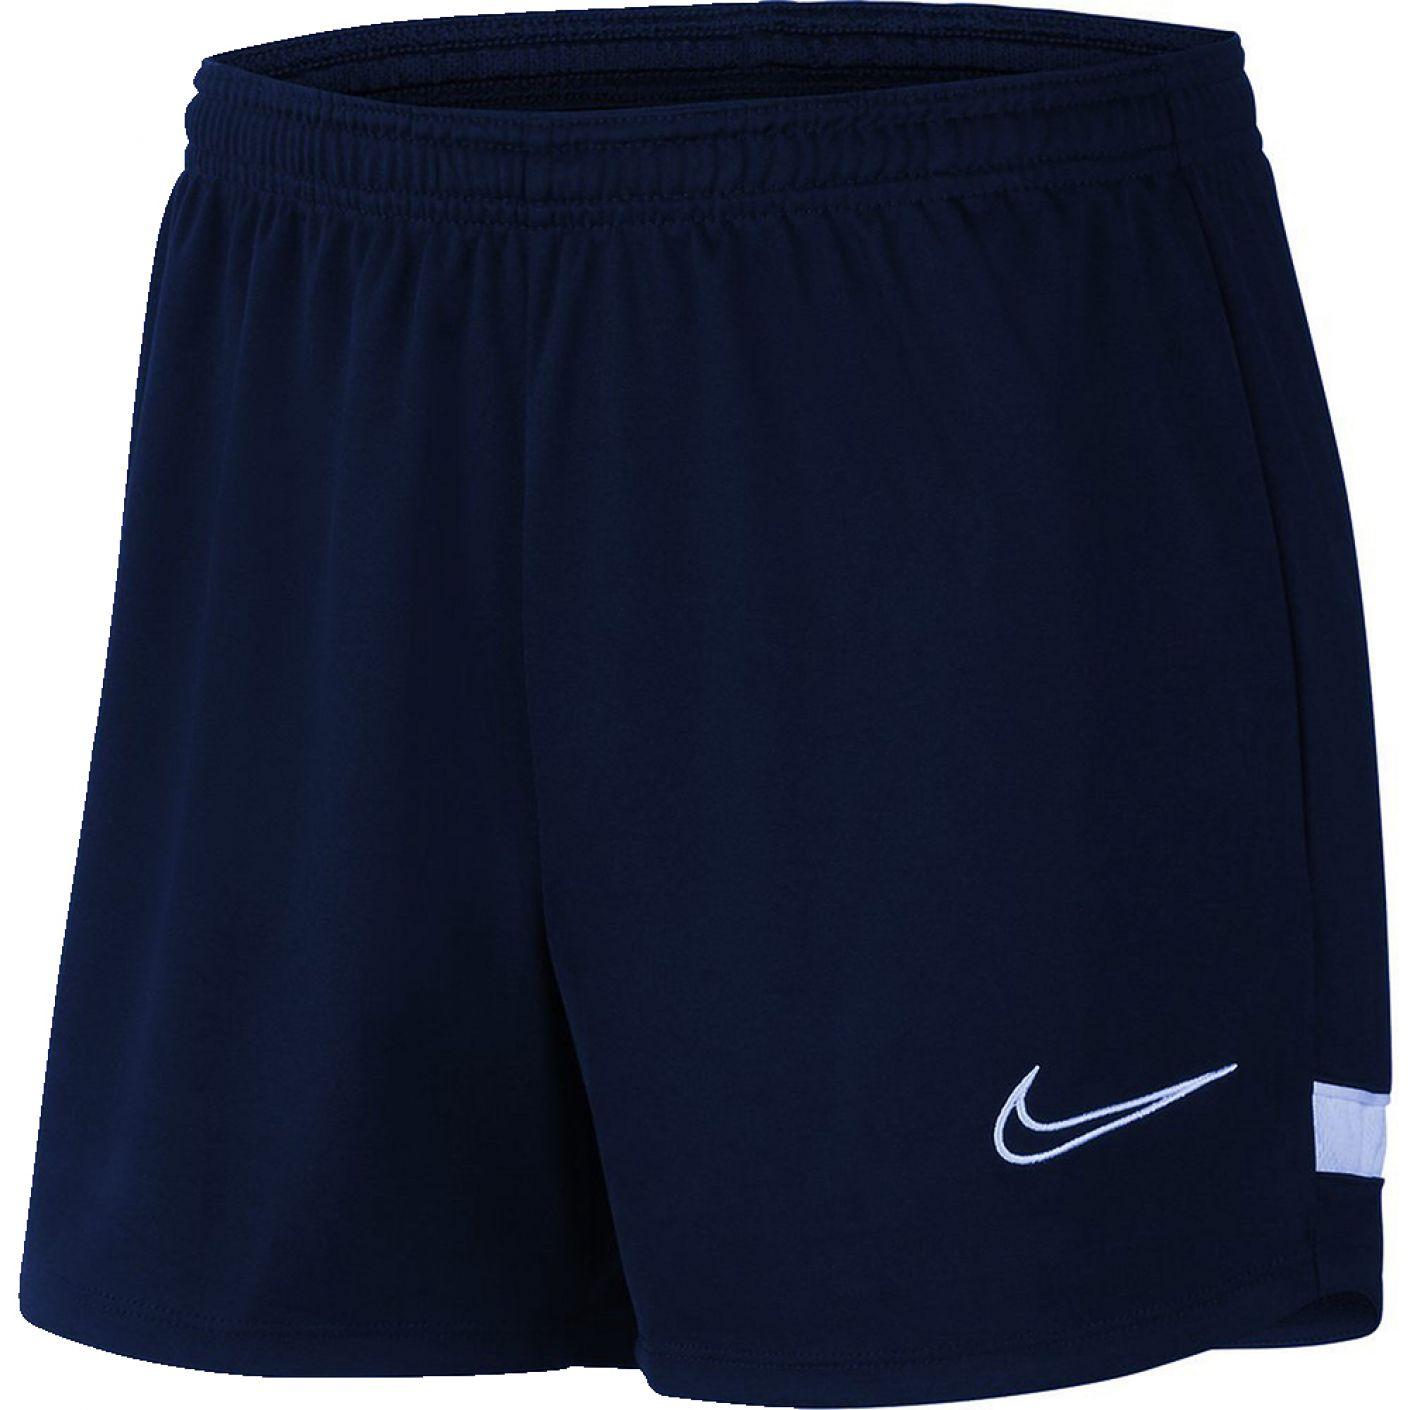 Nike Academy 21 Trainingsbroekje Dri-Fit Vrouwen Blauw